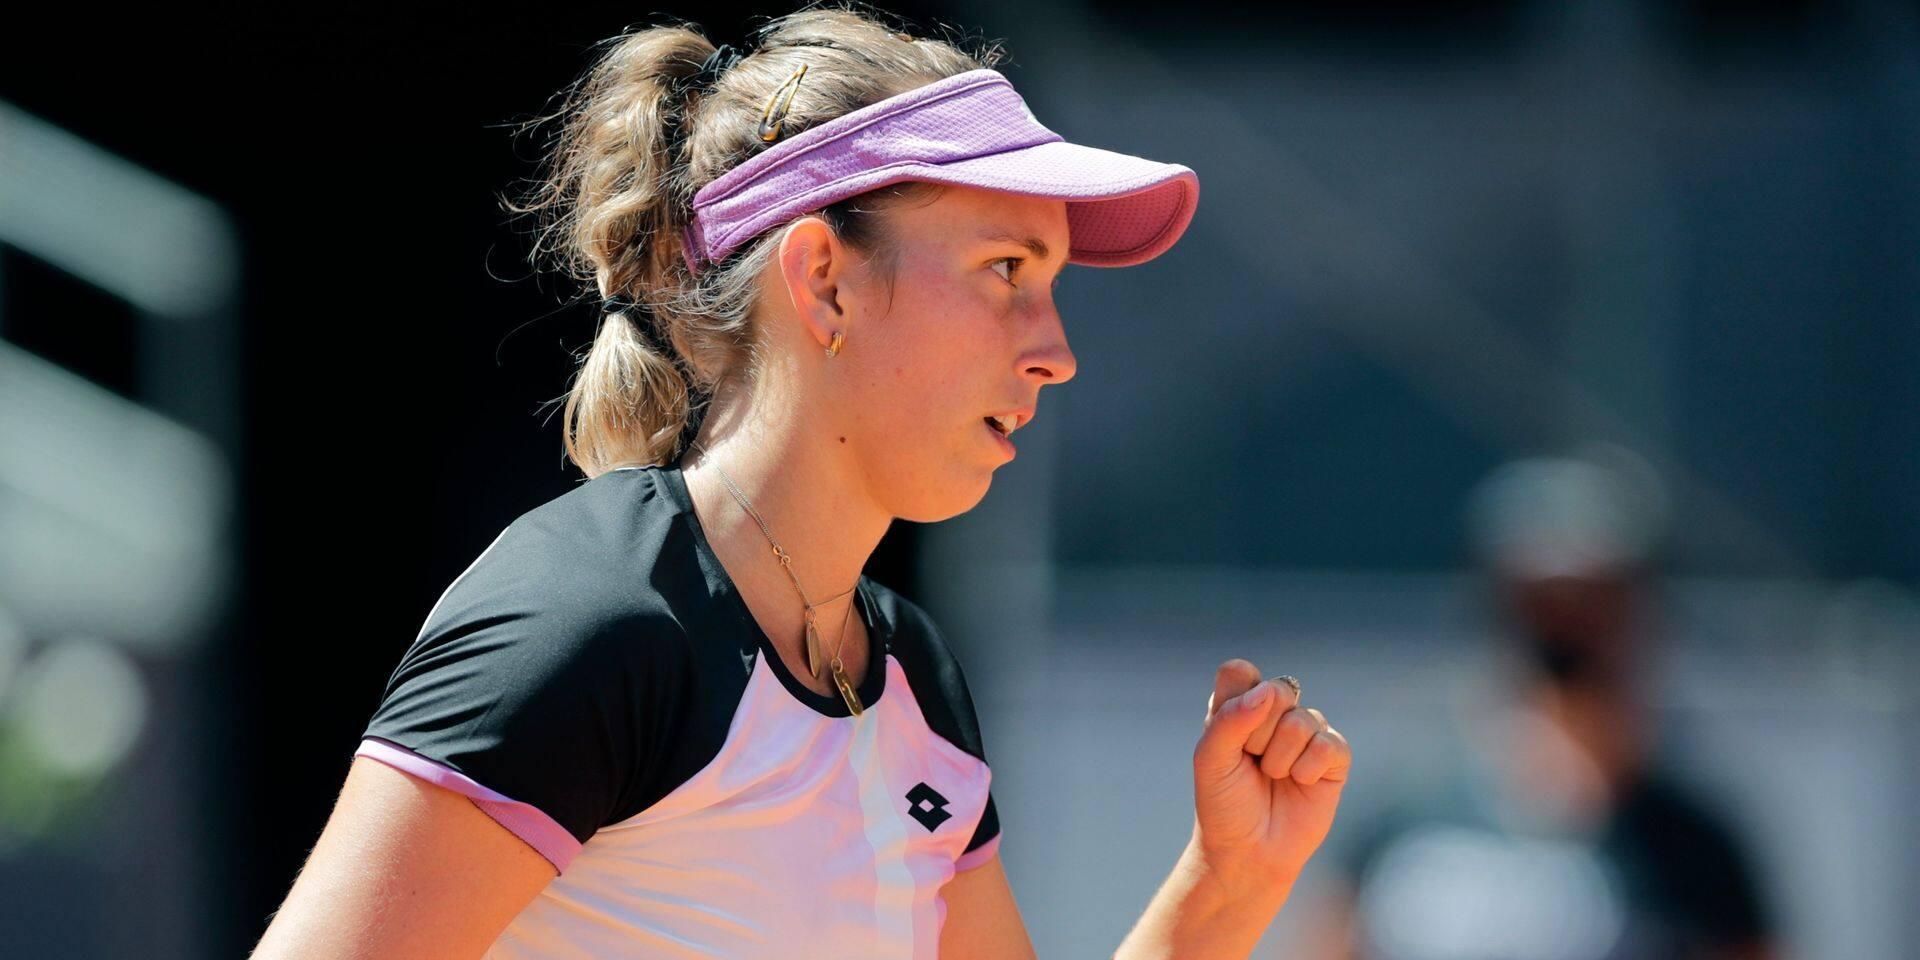 Elise Mertens réussit l'exploit contre Simona Halep en 8e de finale